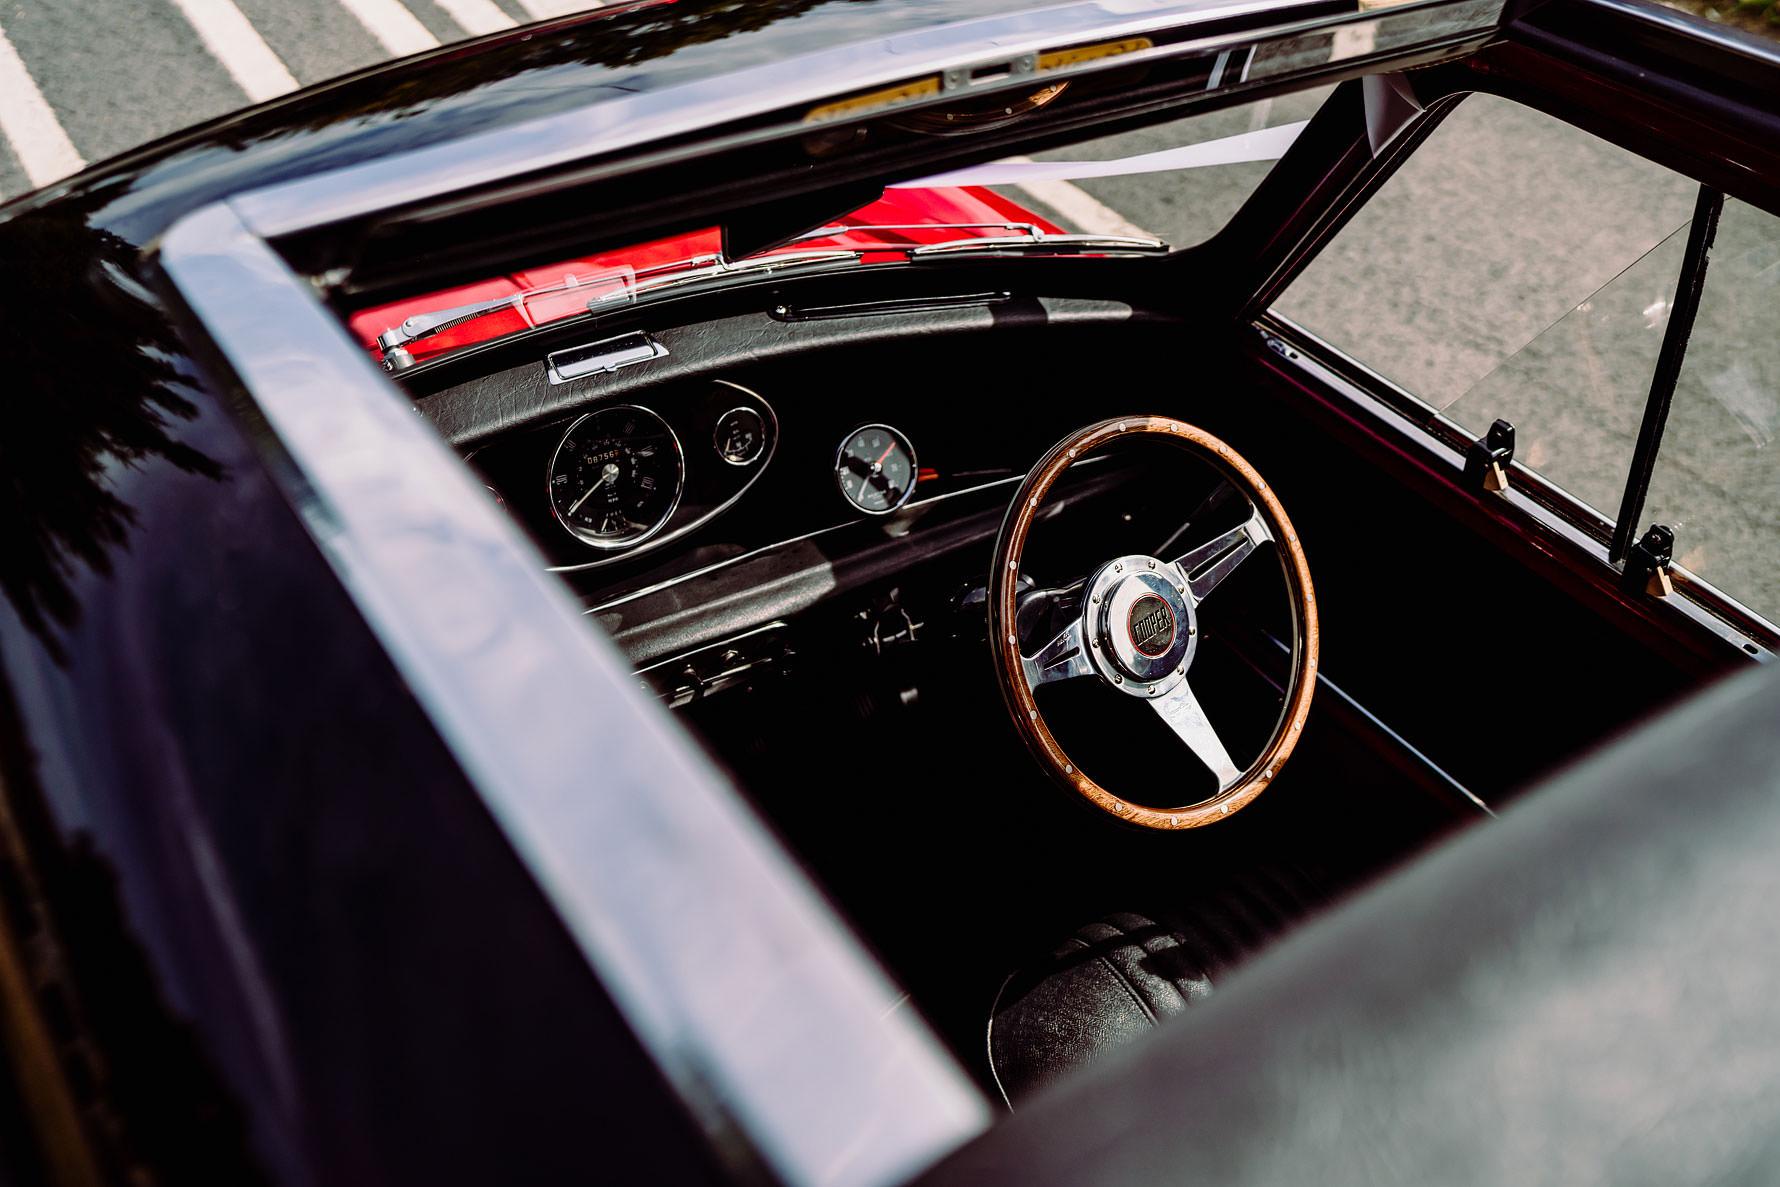 mini cooper steering wheel detail